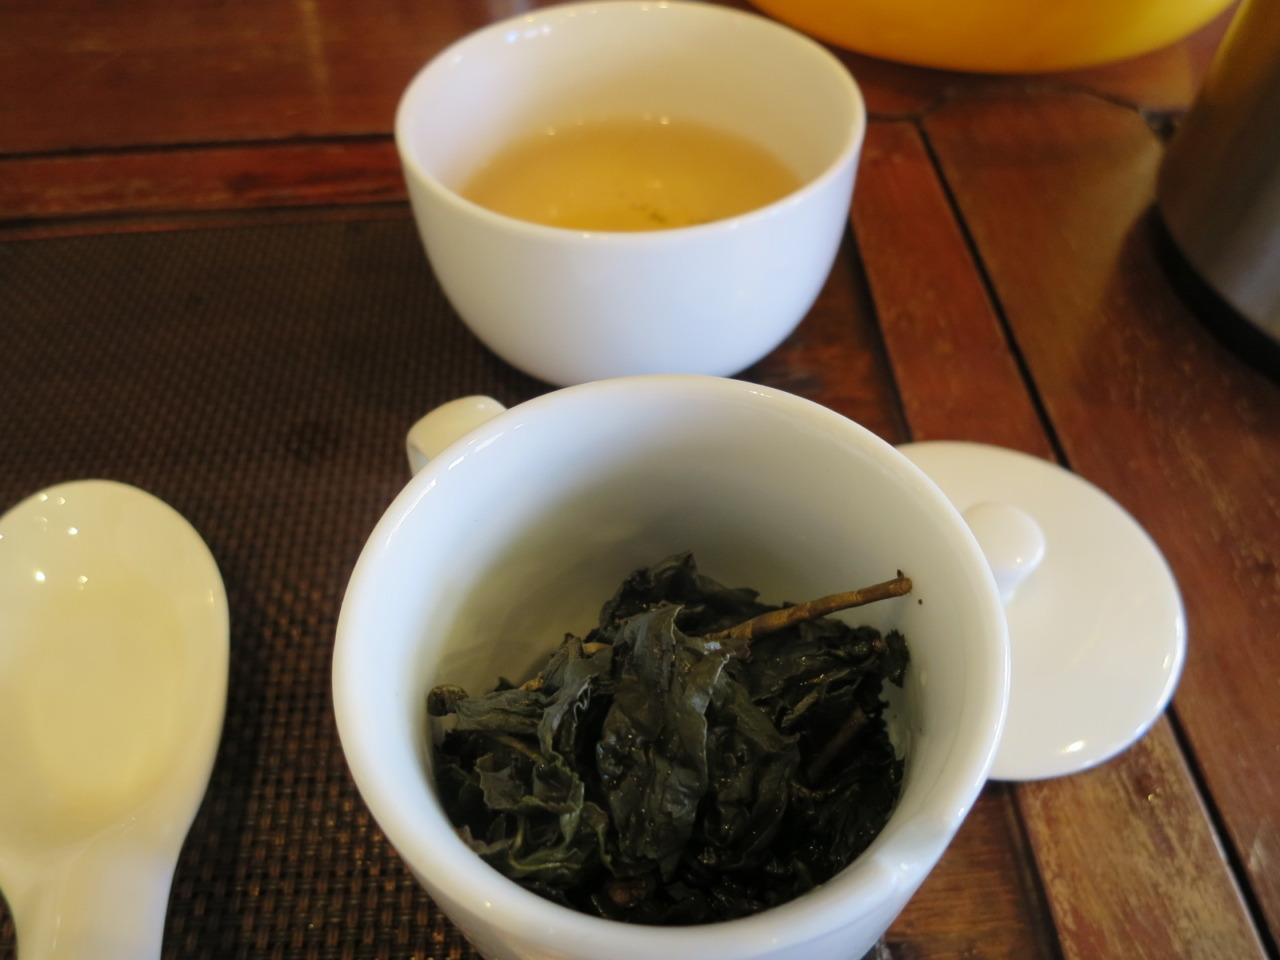 阿里山烏龍茶 冬茶焙煎仕上げ 茶湯